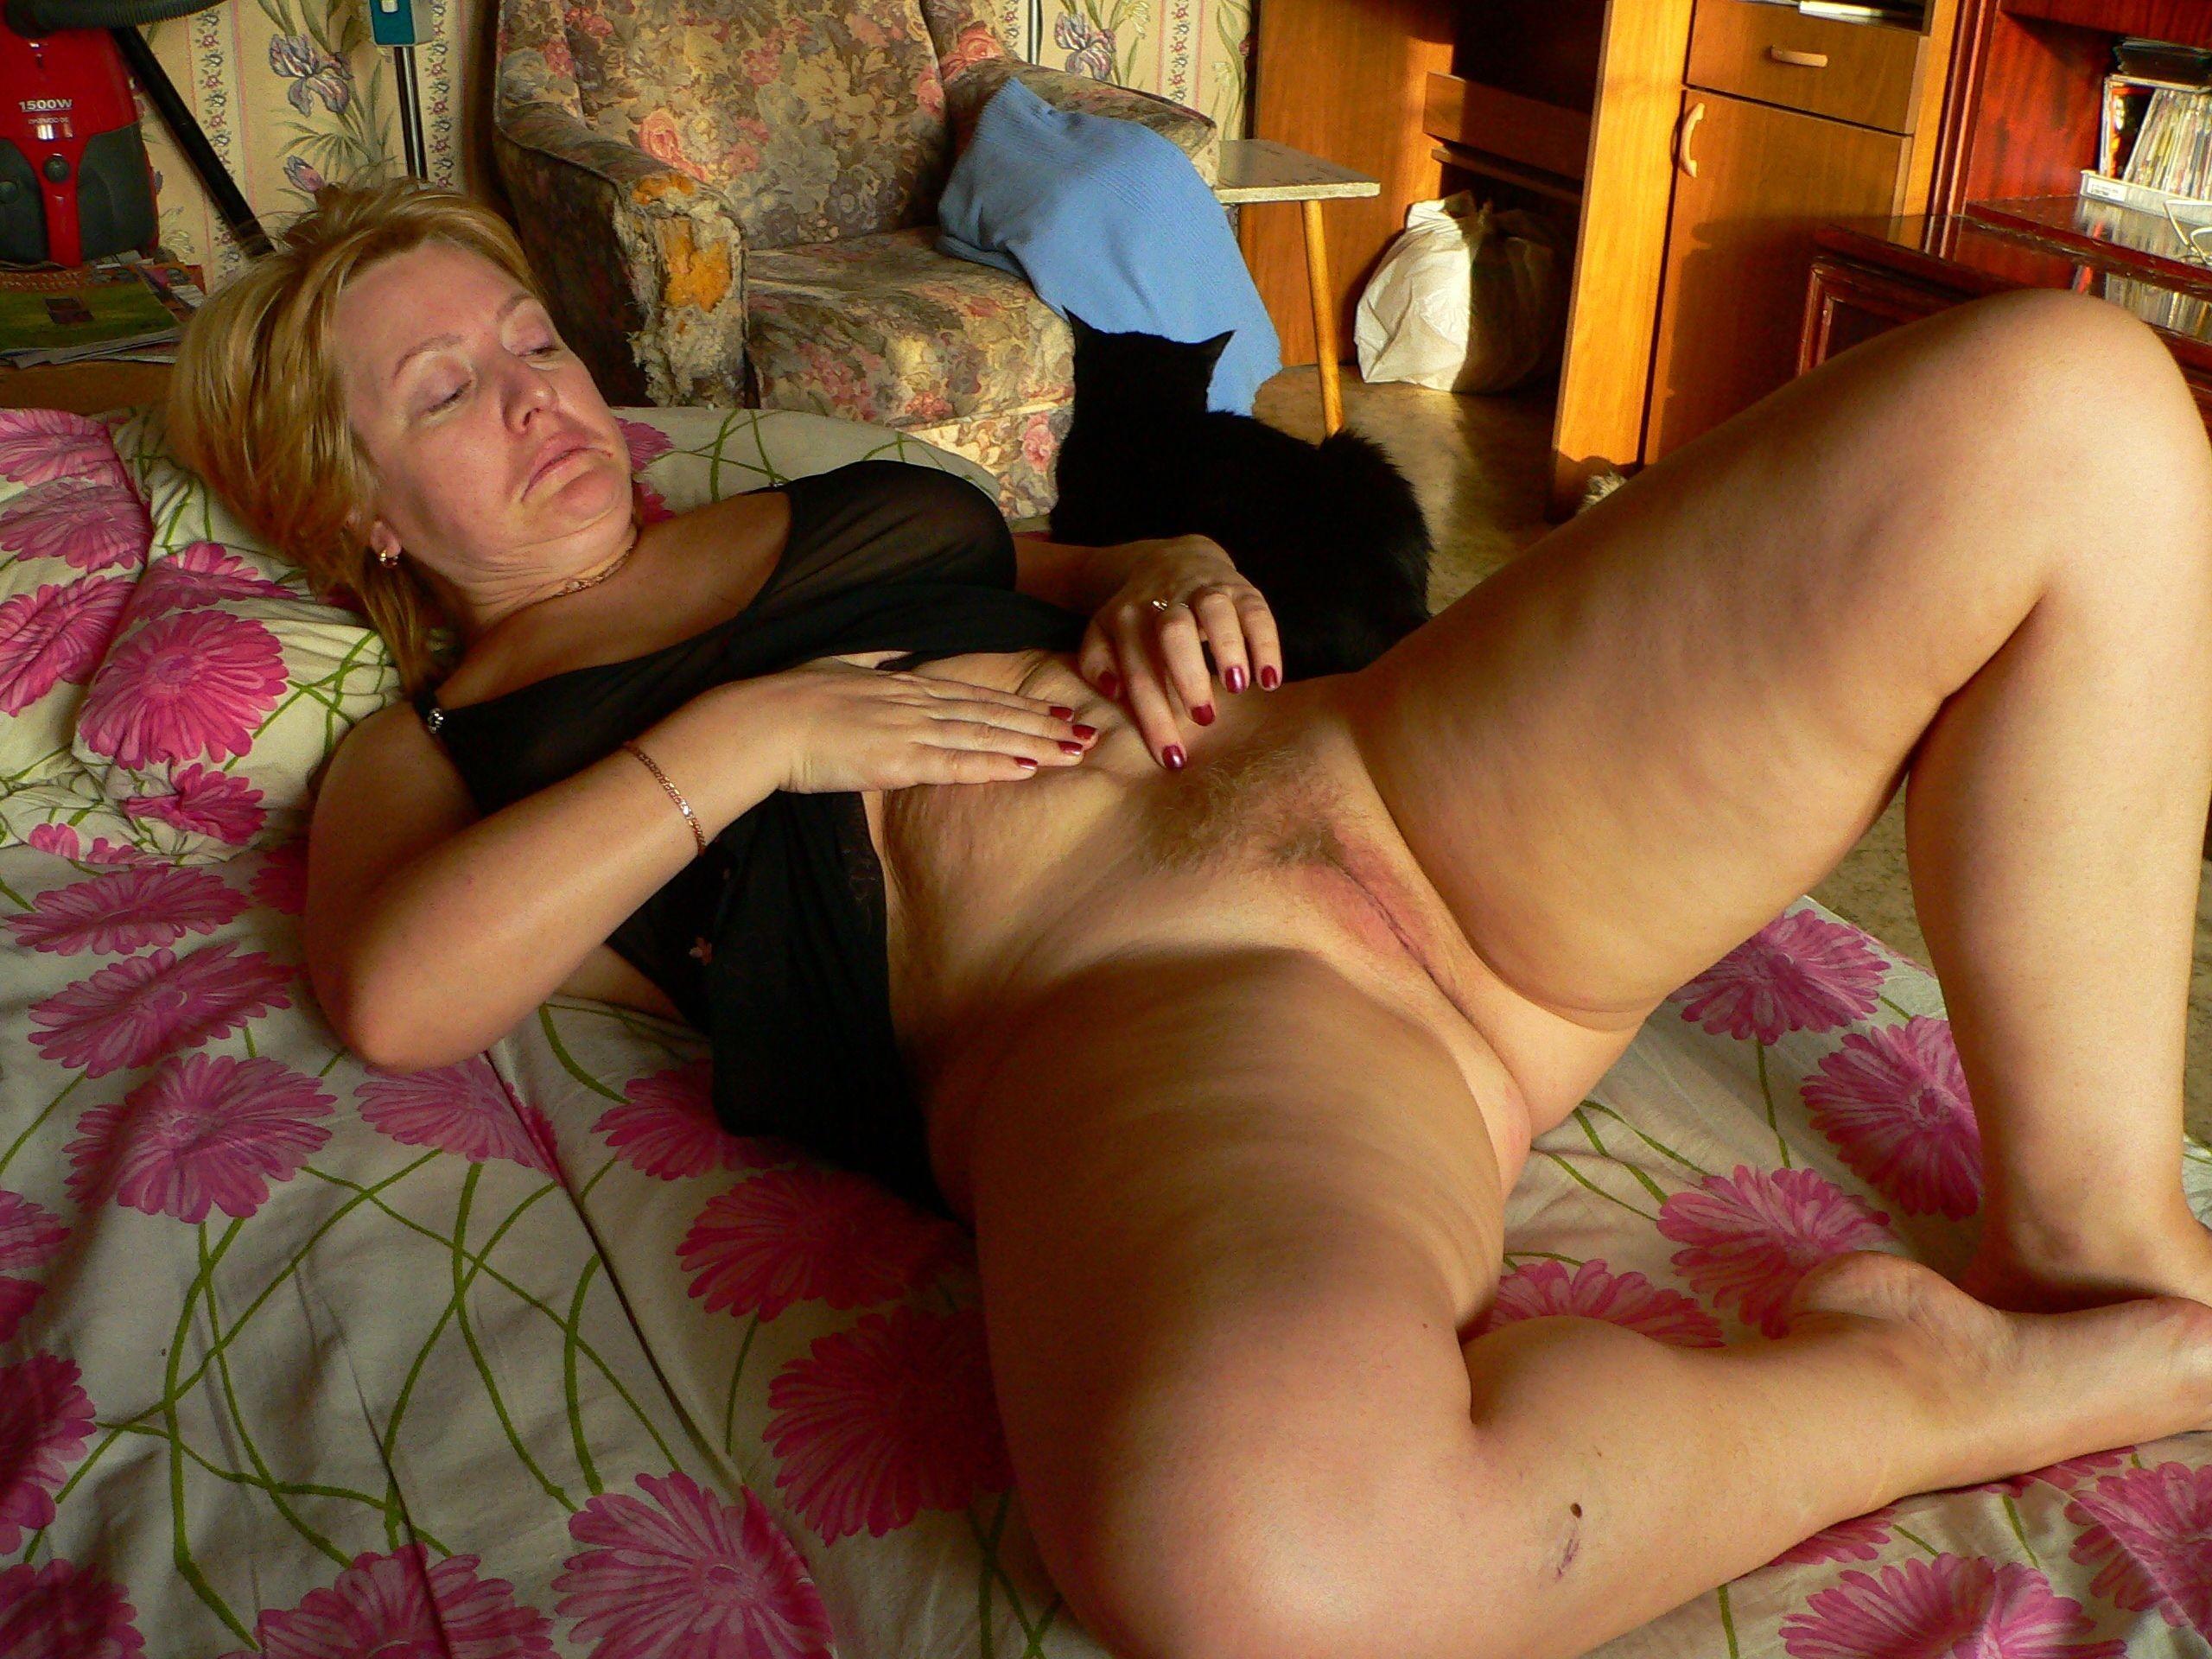 Фото зрелые женщины интим, Зрелые женщины: порно фото на Возбуждает! 7 фотография